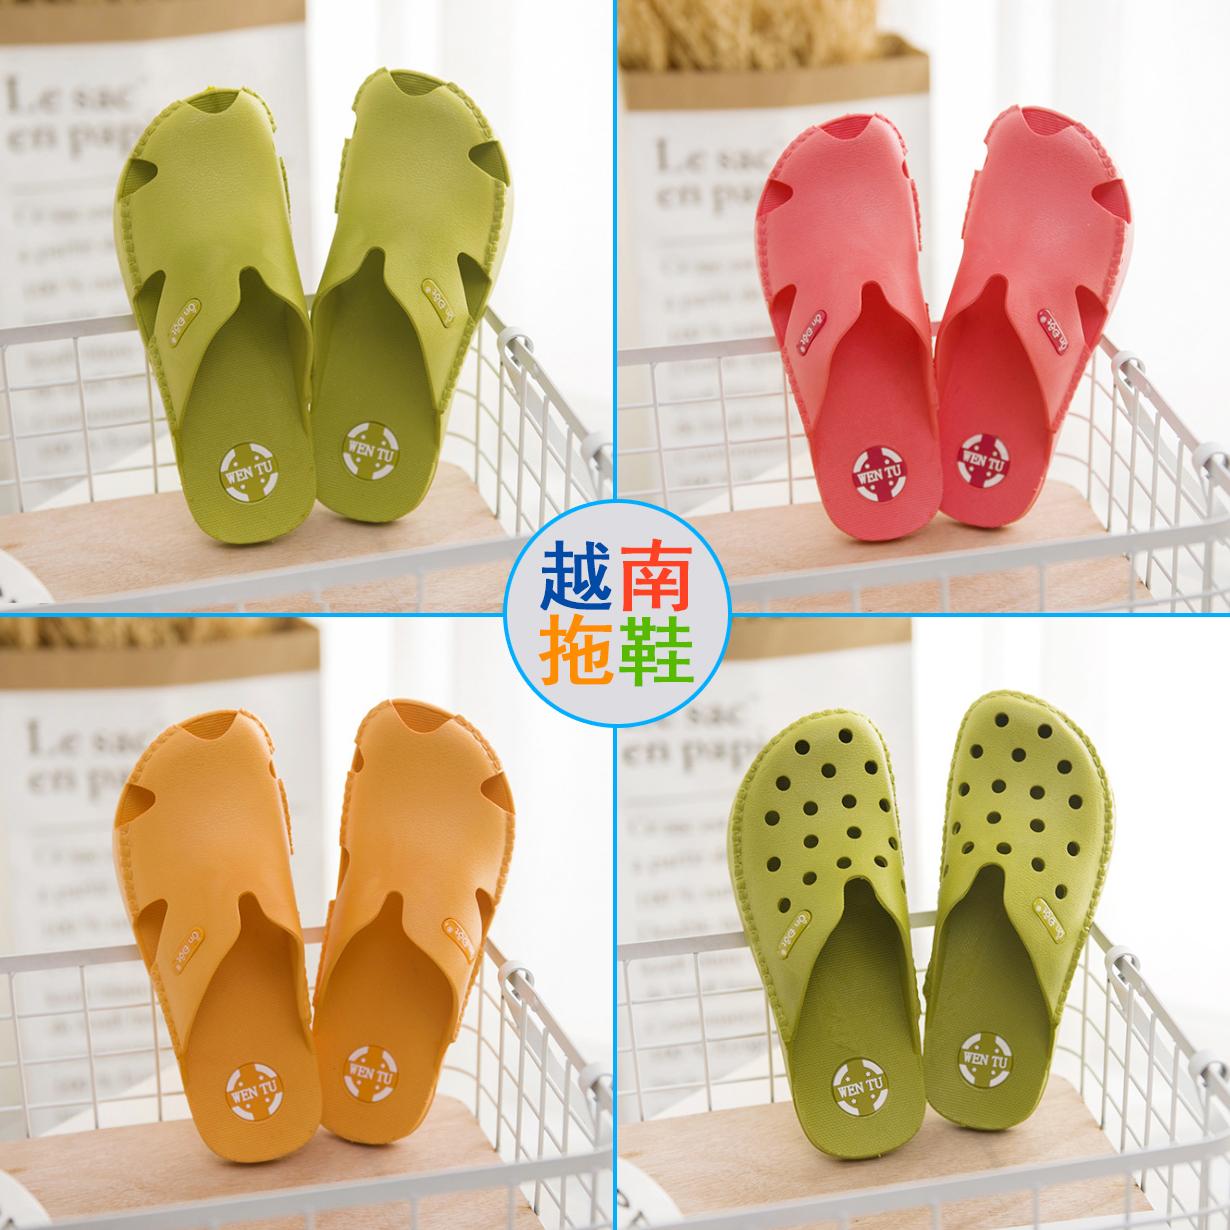 越南凉鞋女夏季ONDOT/温突不臭脚柔软乳胶拖鞋包头沙滩橡胶洞洞鞋